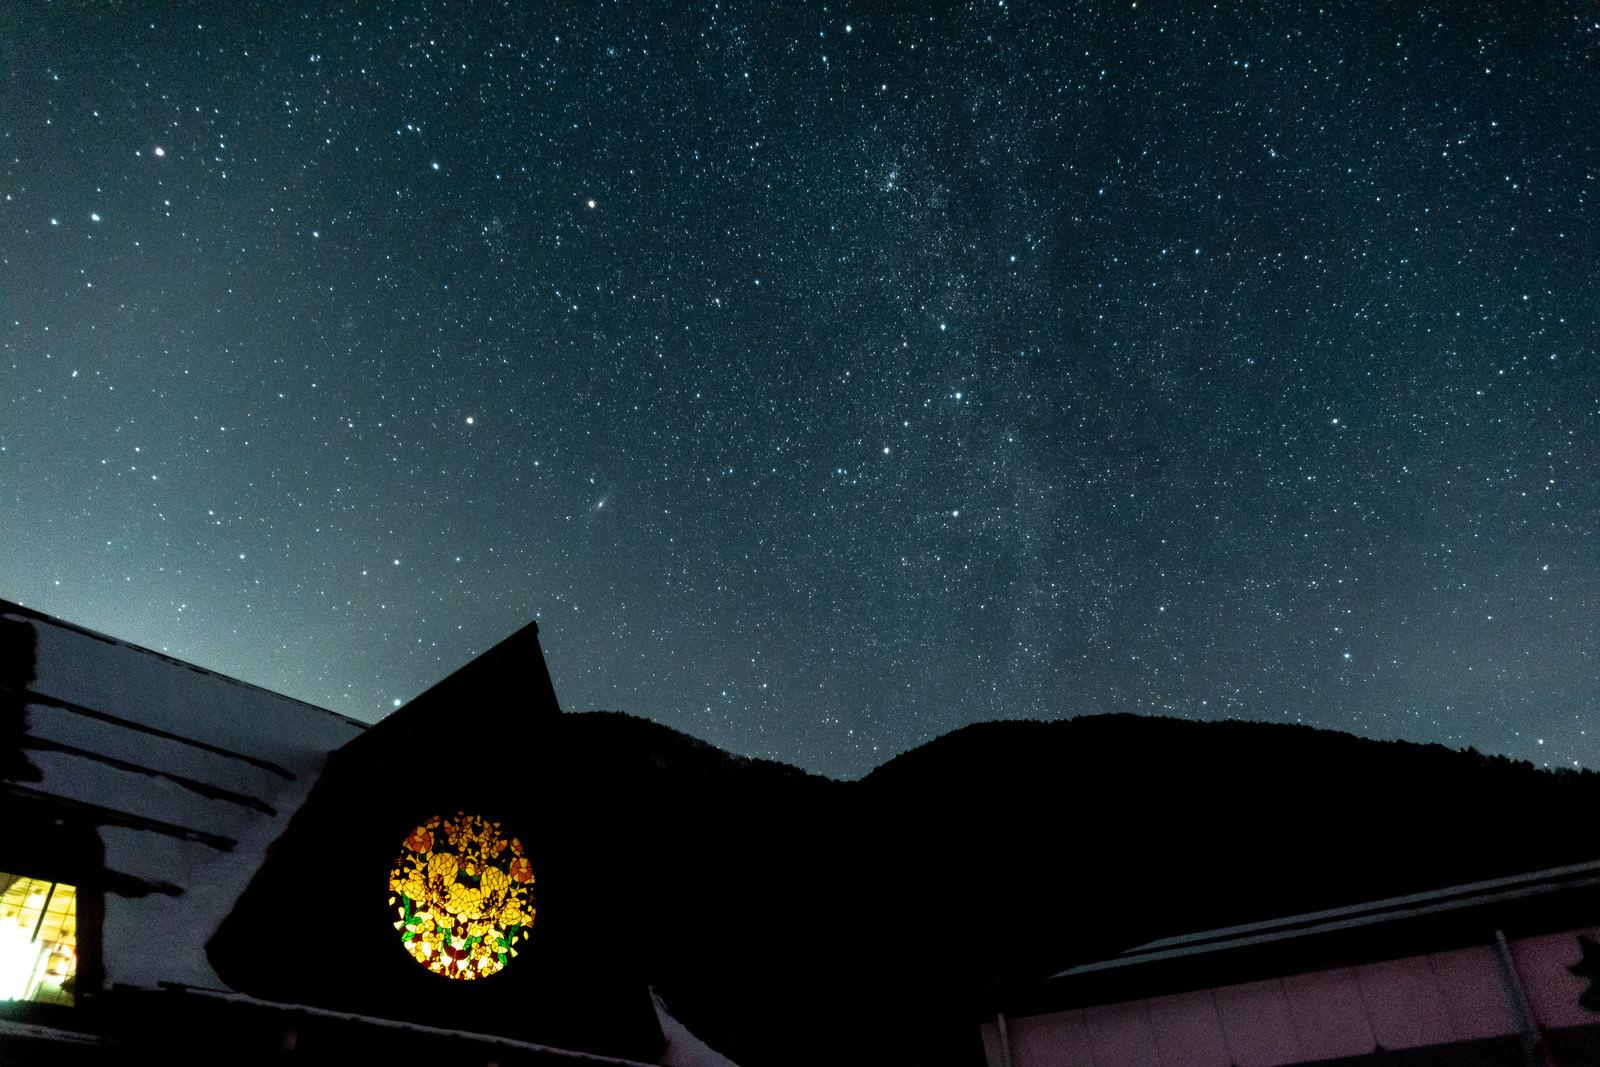 「ステンドグラスと天の川(武石観光センター) | 写真の無料素材・フリー素材 - ぱくたそ」の写真